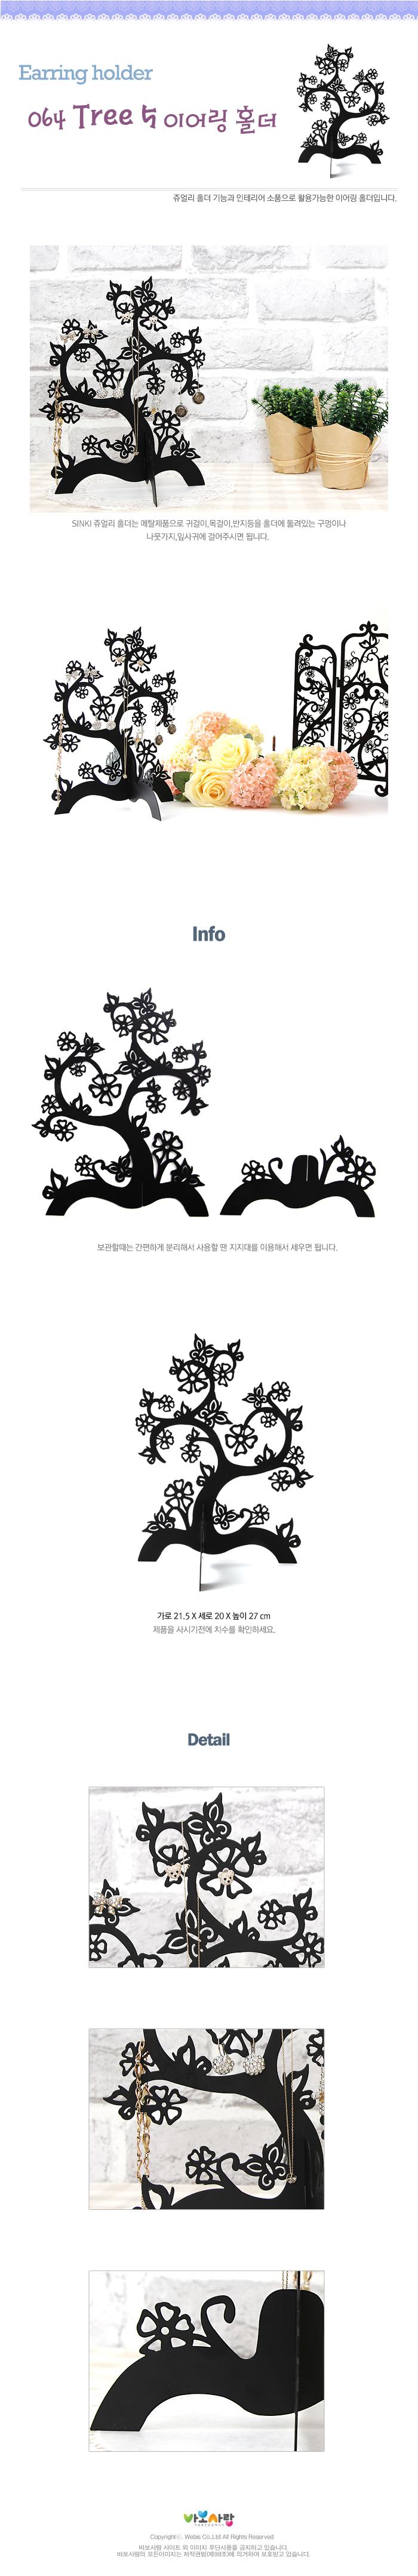 트리5 이어링홀더 - 신기, 14,900원, 보관함/진열대, 주얼리진열대